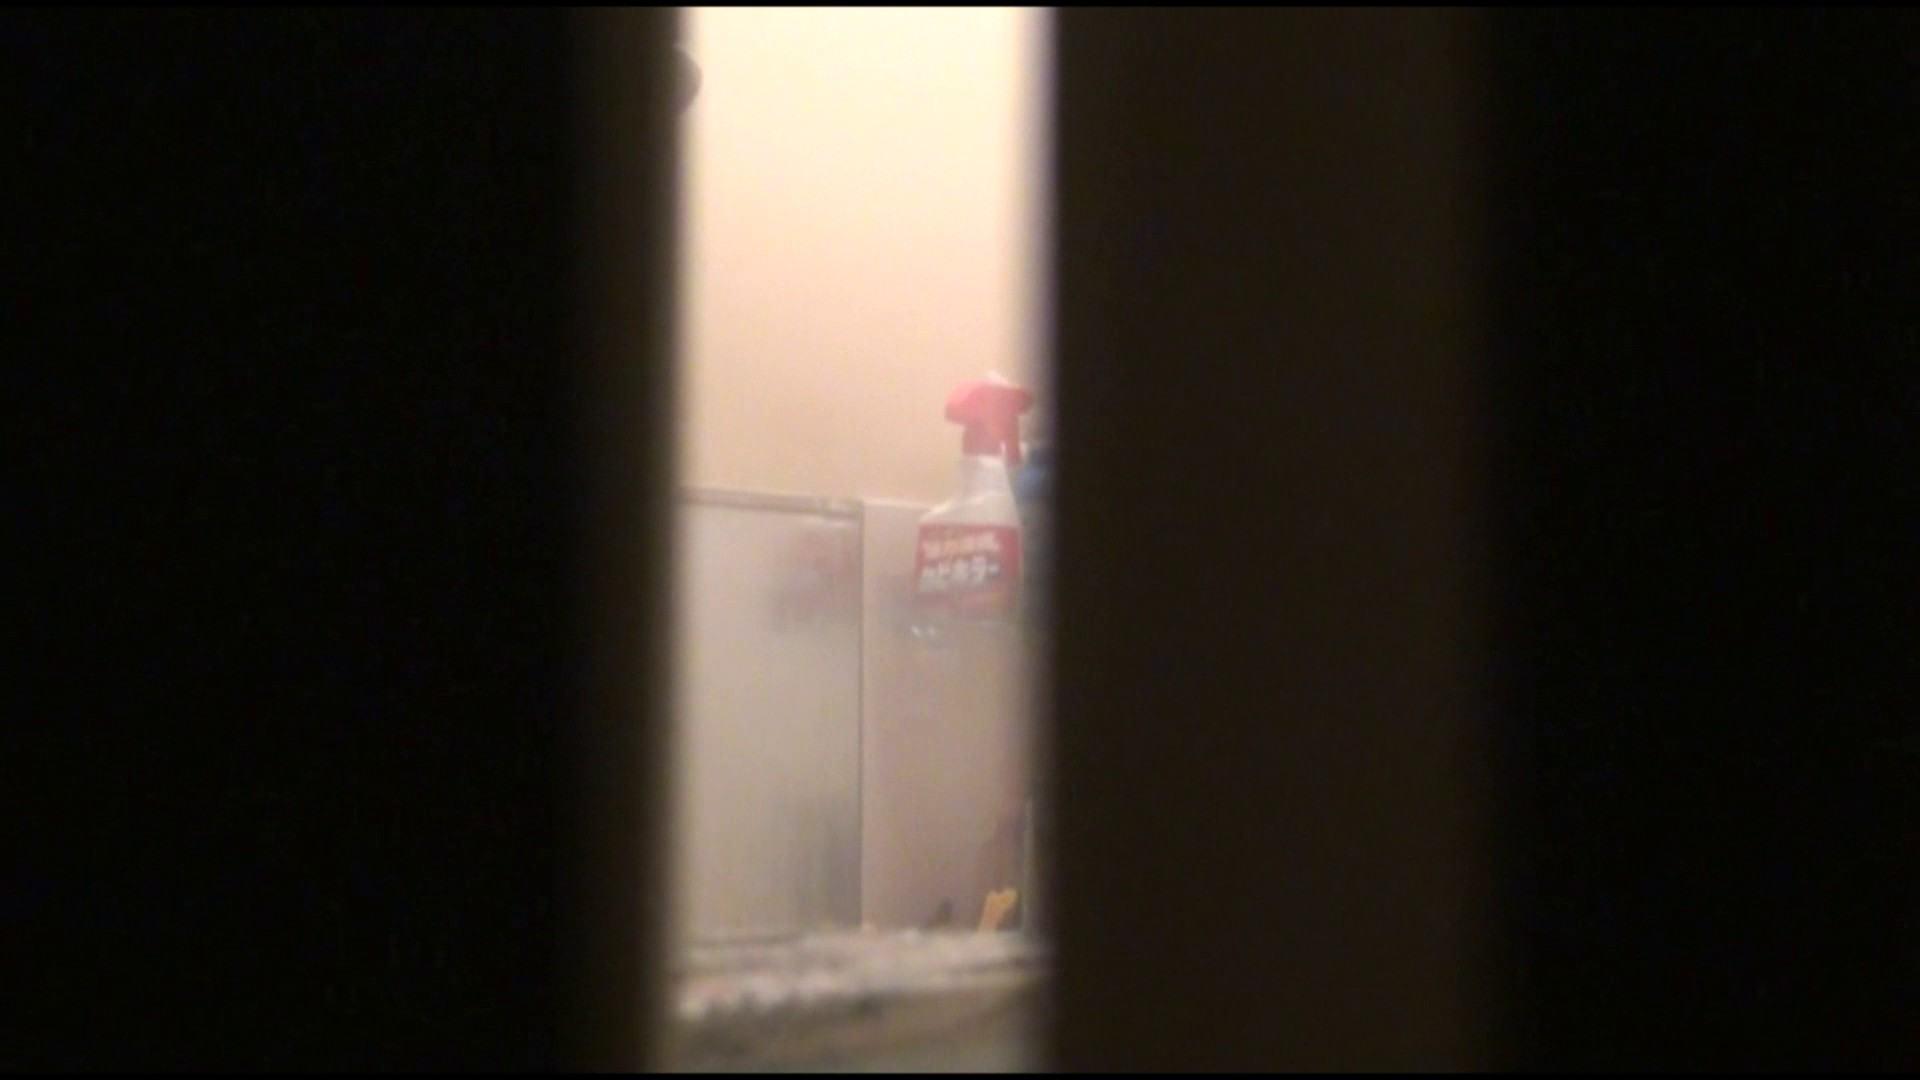 vol.08最高のパイラインを流れるシャワーの水が極上嬢をさらに引き立てます! 覗き おめこ無修正動画無料 78画像 7